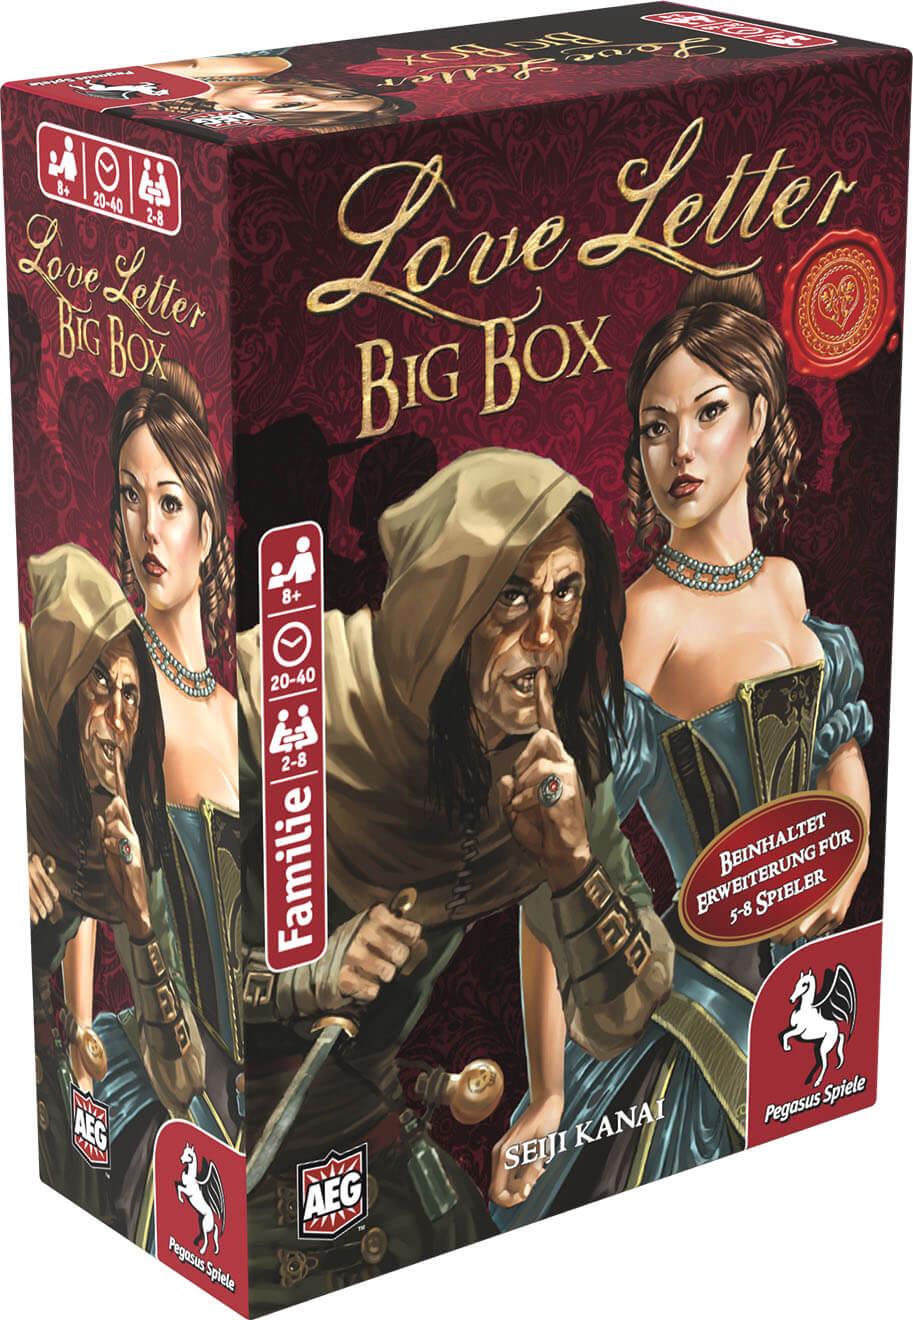 Schachtel Vorderseite, linke Seite- Love Letter - Big Box